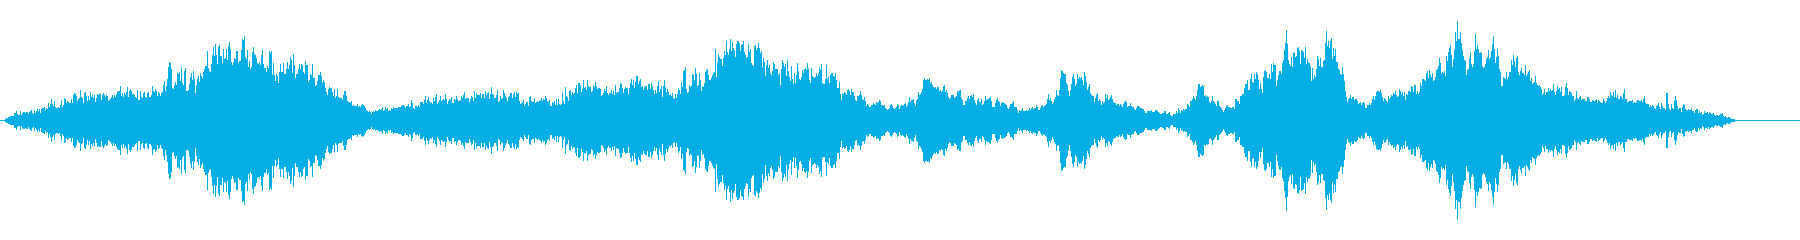 幻想的な癒し系のオーケストラサウンドの再生済みの波形